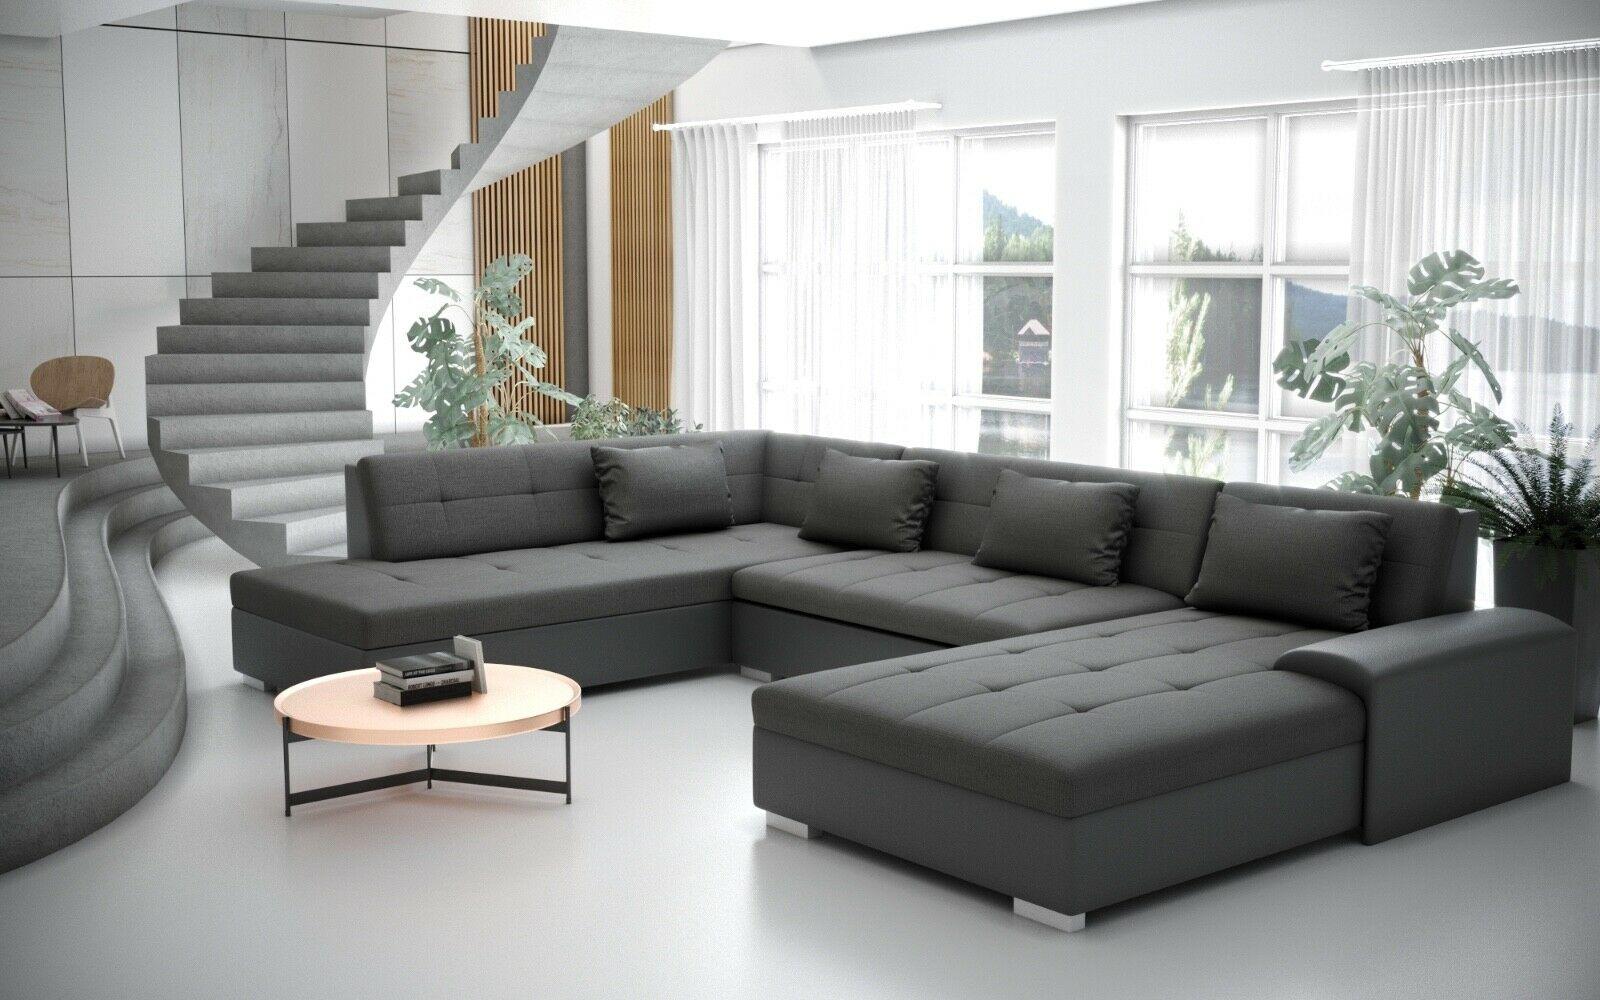 Full Size of Sofa Schlaffunktion 5cdc4f12afc25 Arten Kaufen Günstig Mit Abnehmbaren Bezug Leinen Garnitur 3 Teilig Schlafsofa Liegefläche 160x200 L Form Halbrund Sofa Sofa Schlaffunktion